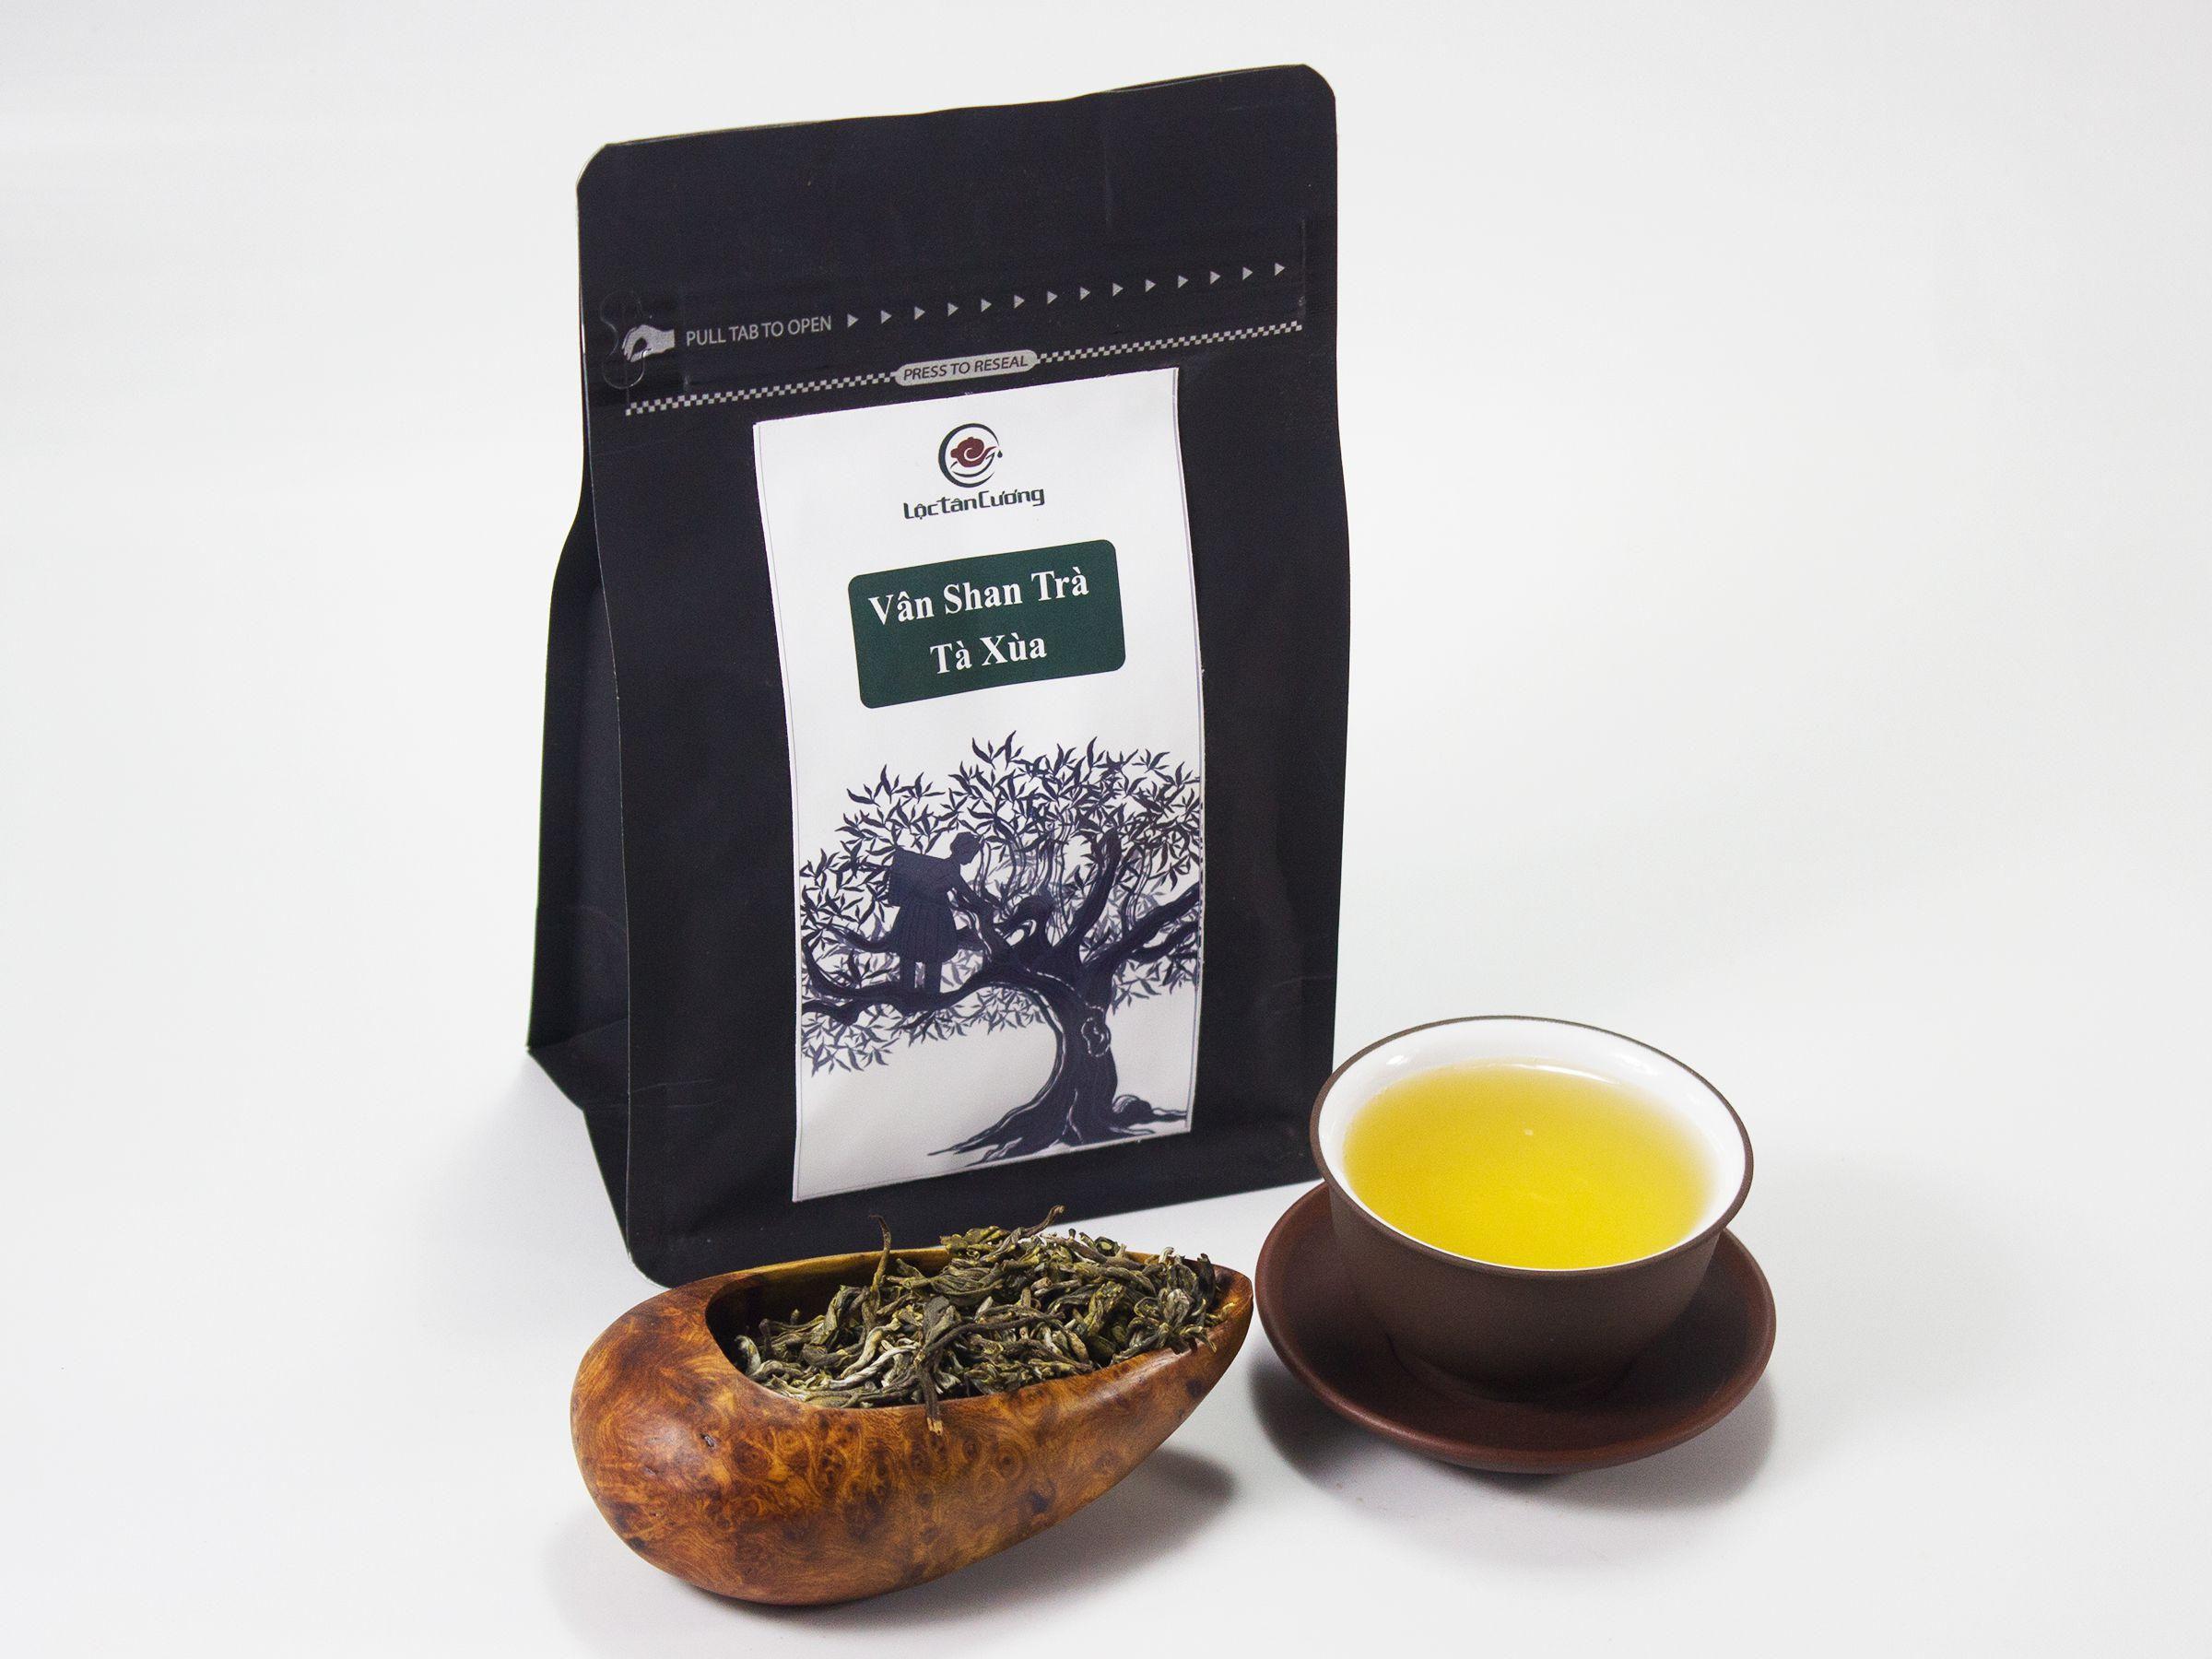 Vân shan trà Tà Xùa túi 100g: 180.000đ